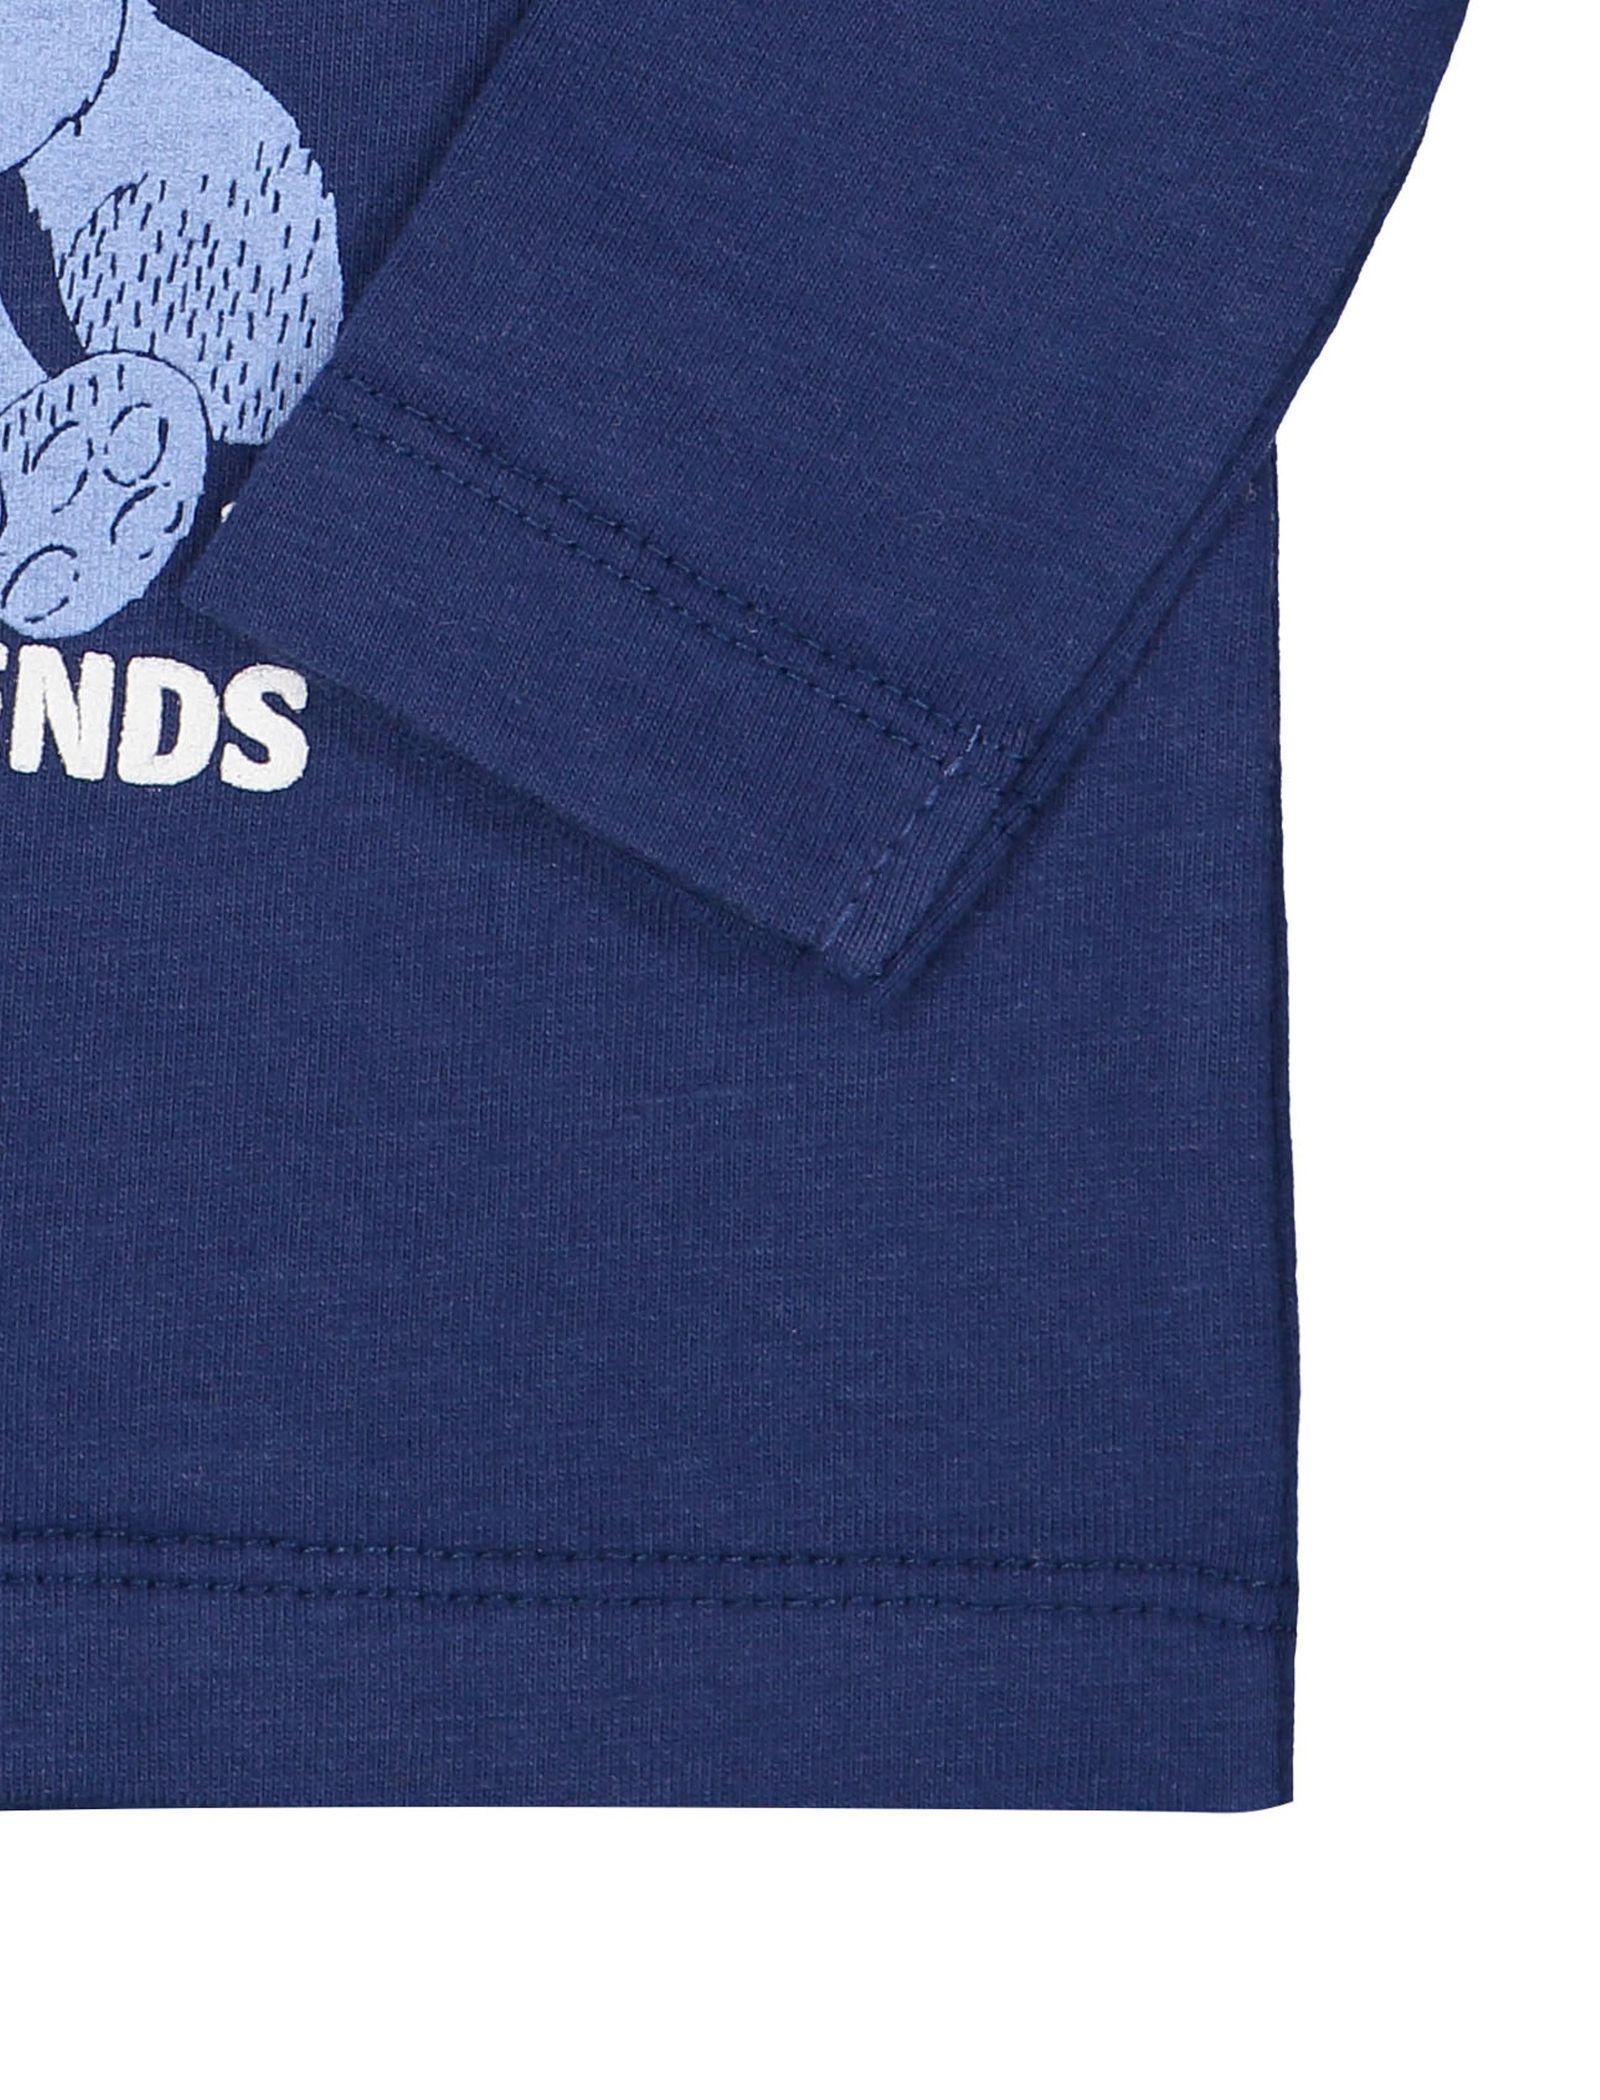 تی شرت نخی یقه گرد نوزادی پسرانه - ایدکس - سرمه اي - 3